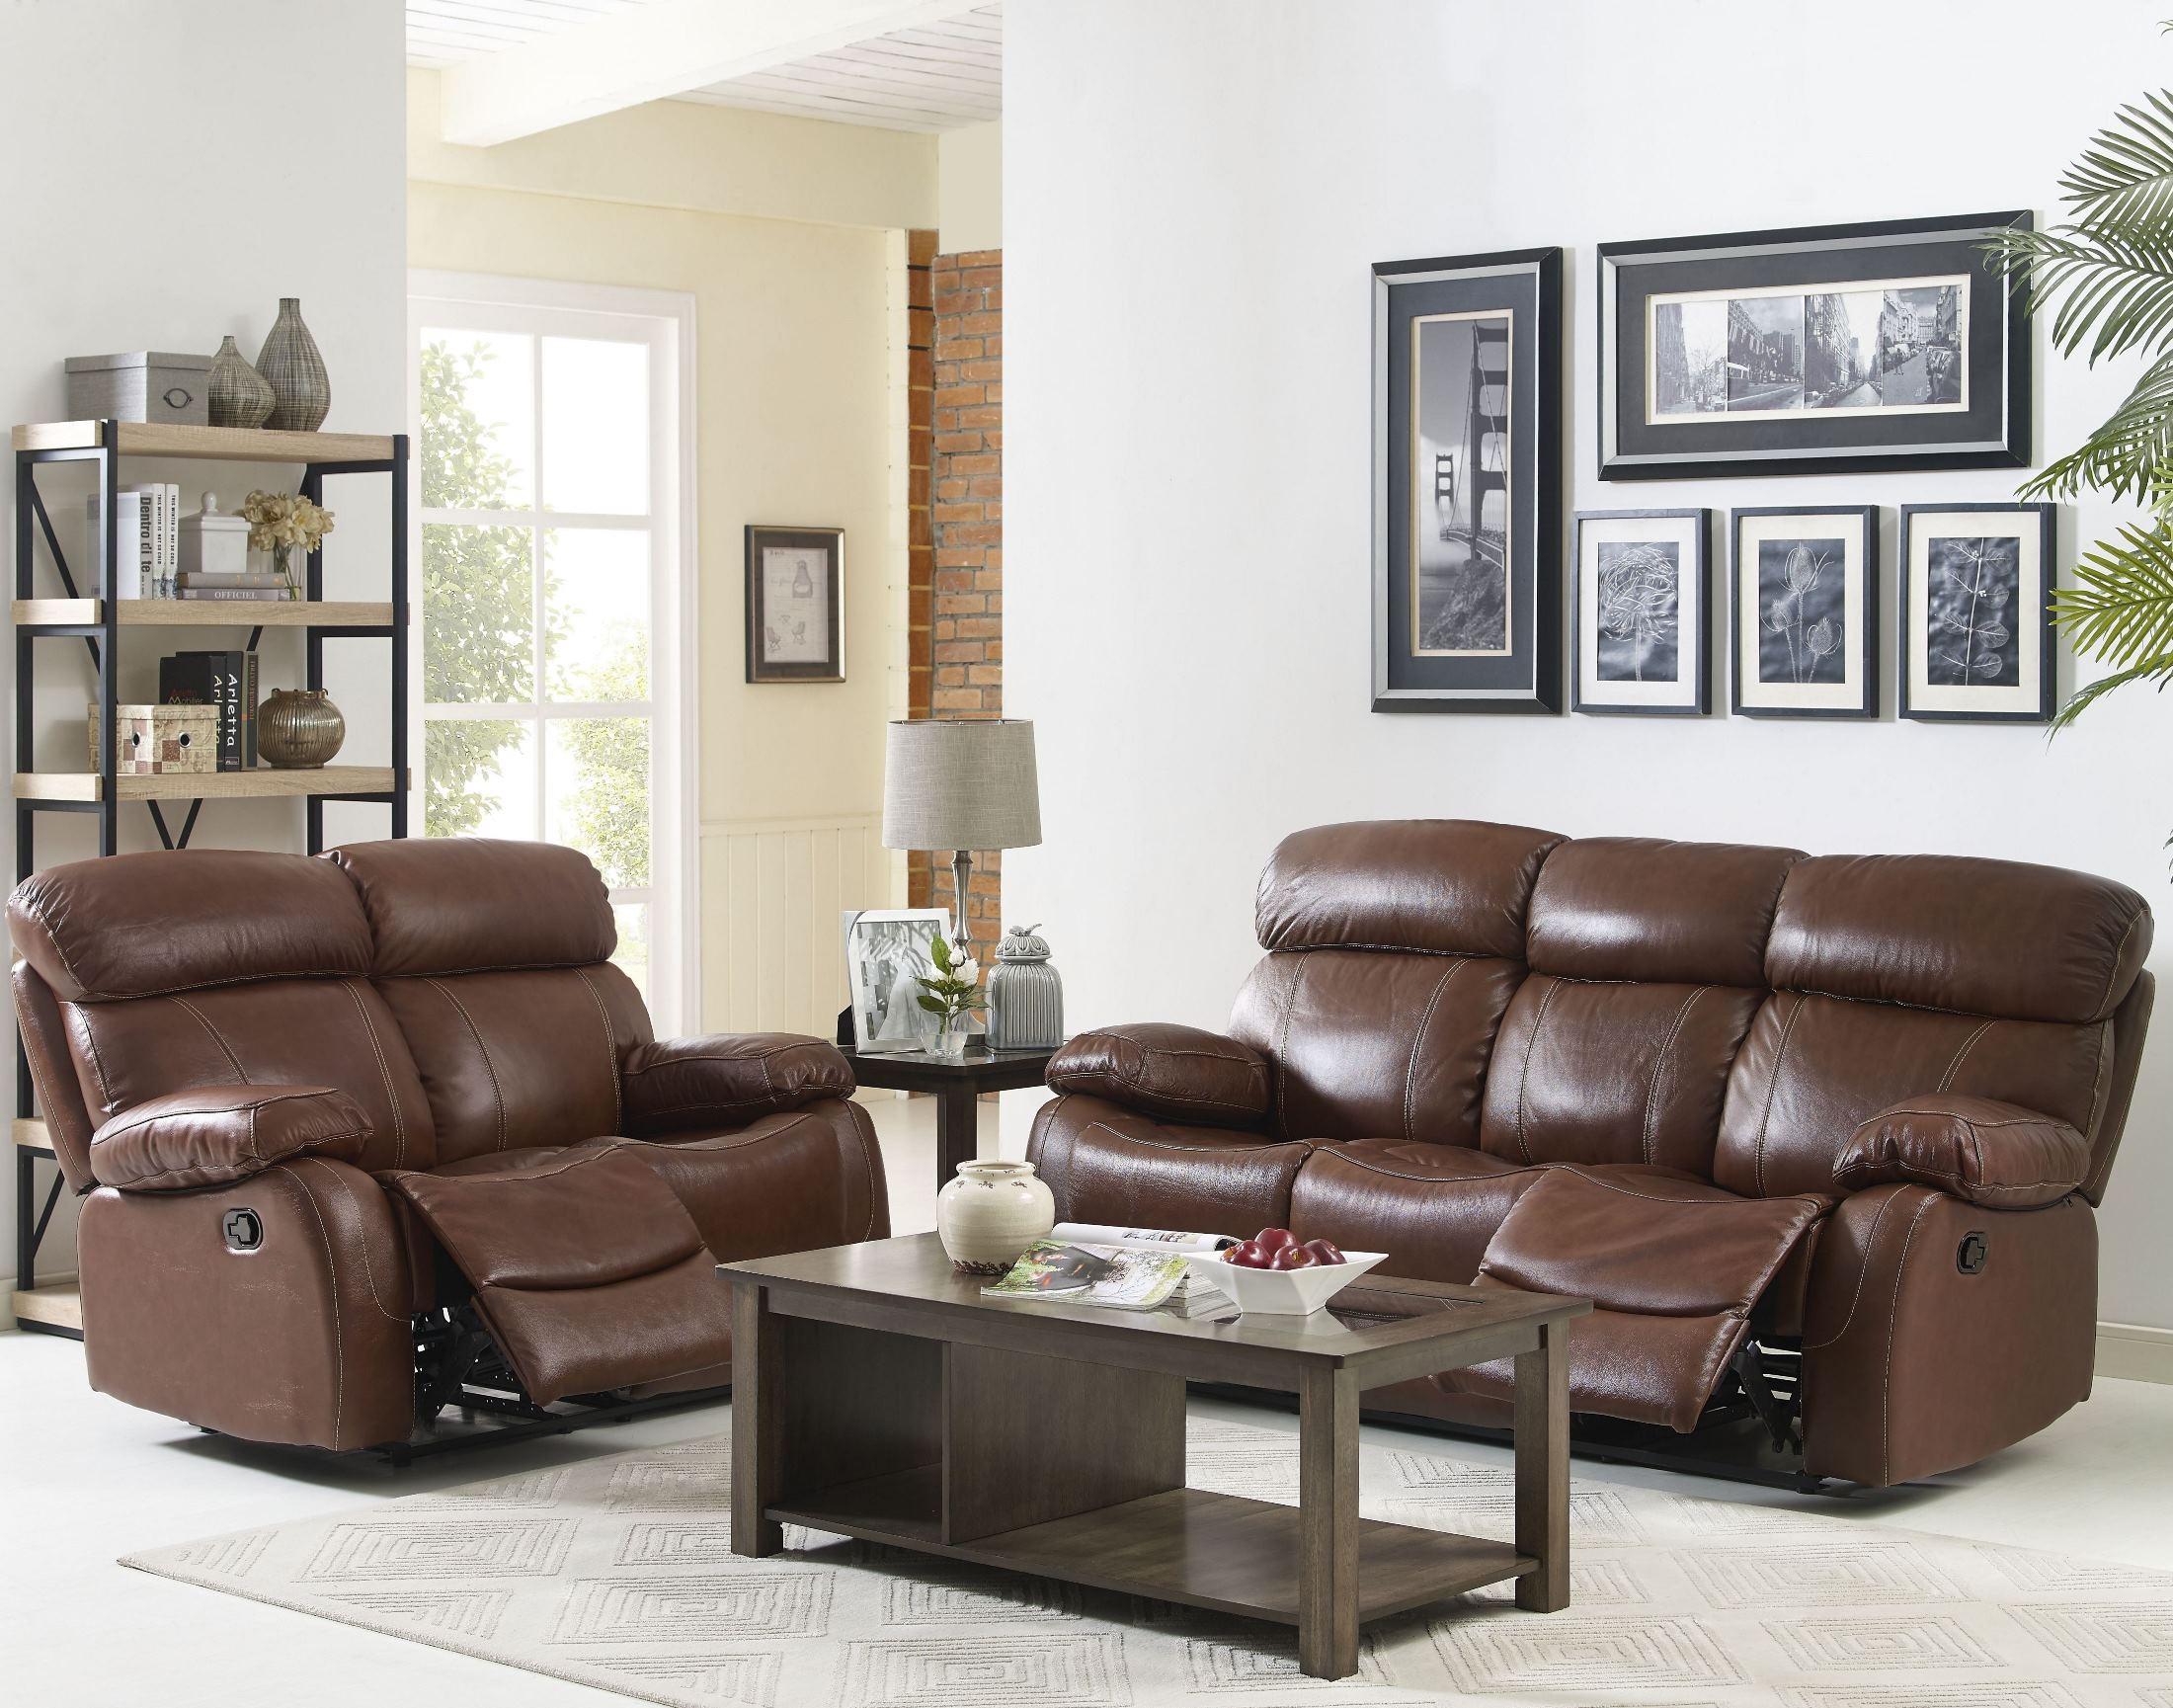 Dante light brown reclining living room set l2041 30 lbn for Light brown living room